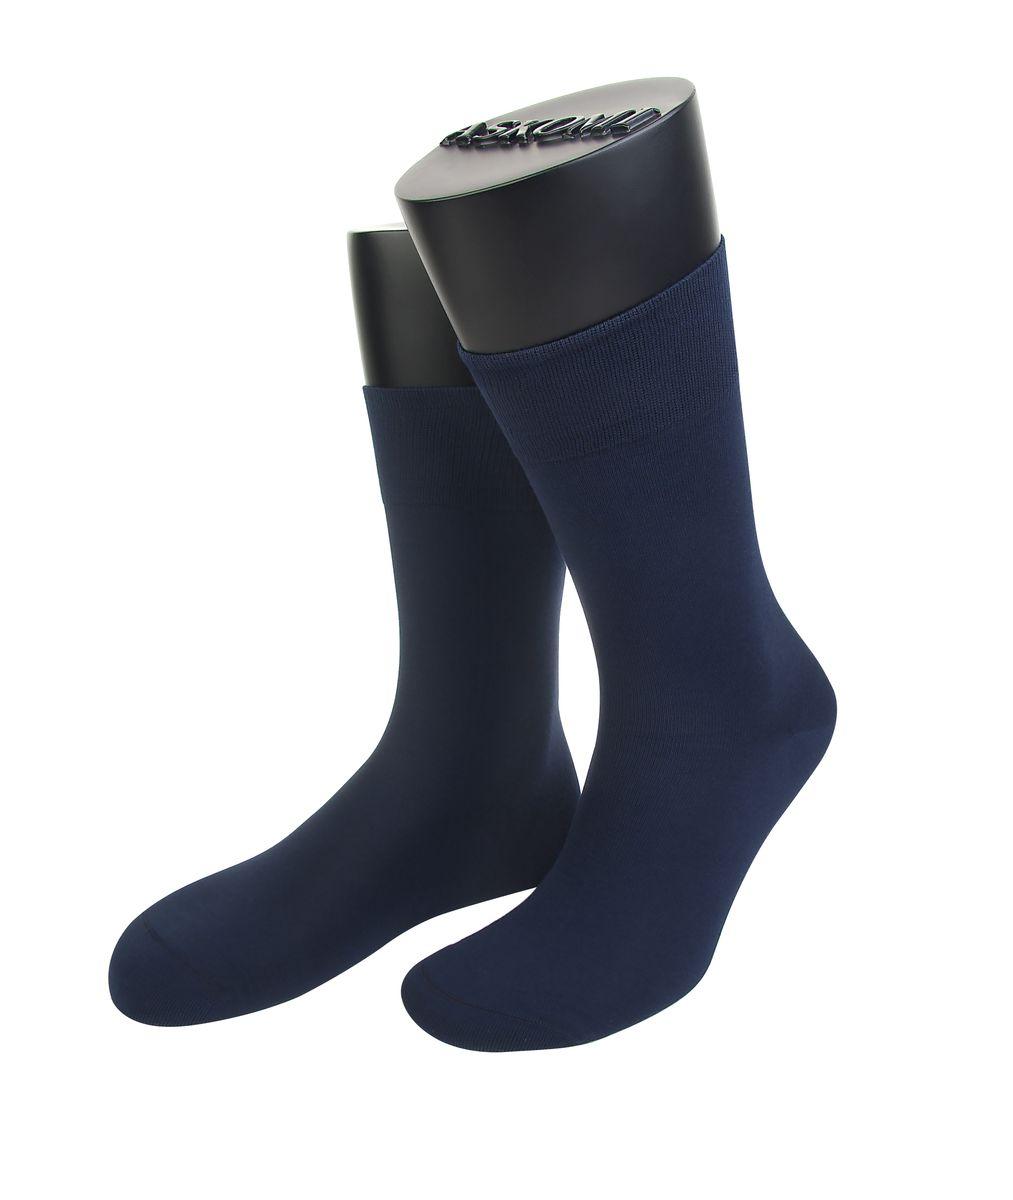 АМ-7500_8101Мужские носки Askomi Classic для повседневной носки выполнены из бамбука с добавлением полиамида. Бамбуковое волокно обладает высокой прочностью, антибактериальным и теплоизолирующим свойством. Двойной борт для плотной фиксации не пережимает сосуды. Носок и пятка укреплены, что значительно увеличивает износостойкость носков. Кеттельный шов не ощутим для ноги.